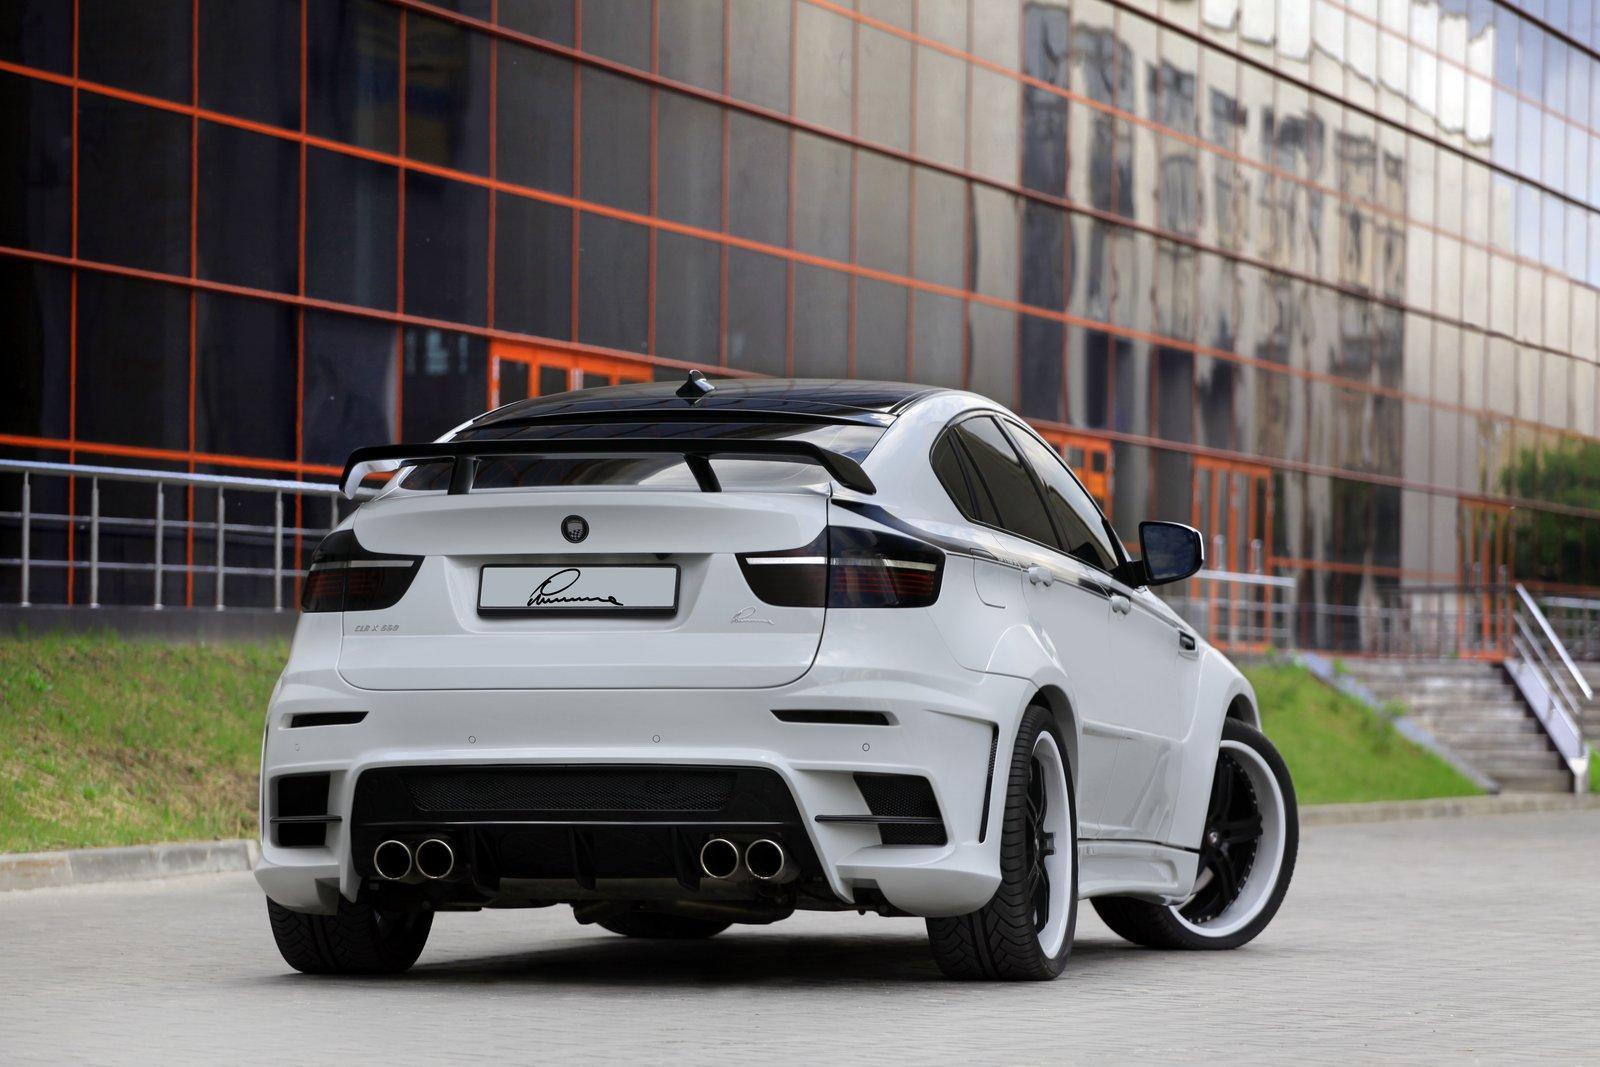 http://3.bp.blogspot.com/-UXpLy2NBfYA/Tt9ENQBfAbI/AAAAAAAABak/2X4XbthF7m8/s1600/Lumma-Design-BMW-X6-CLR-X-650-1.jpg